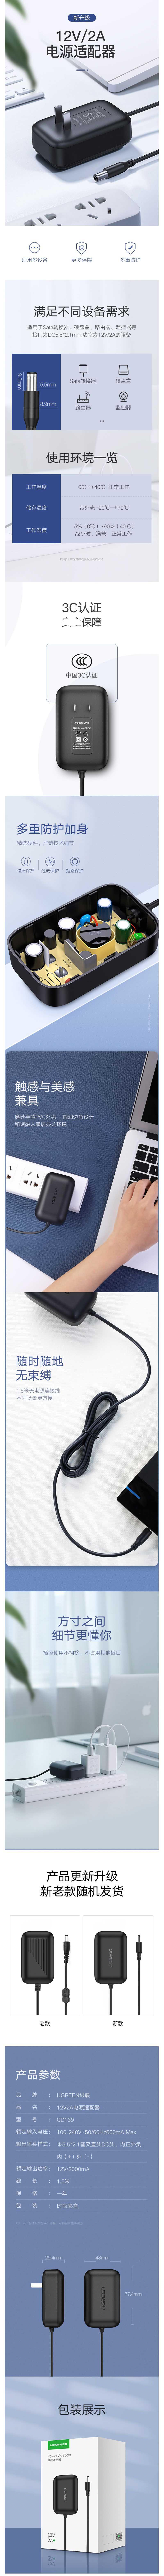 绿联20359 12V5A多功能电源适配器 黑色USB3.0 1口集线器 详情页